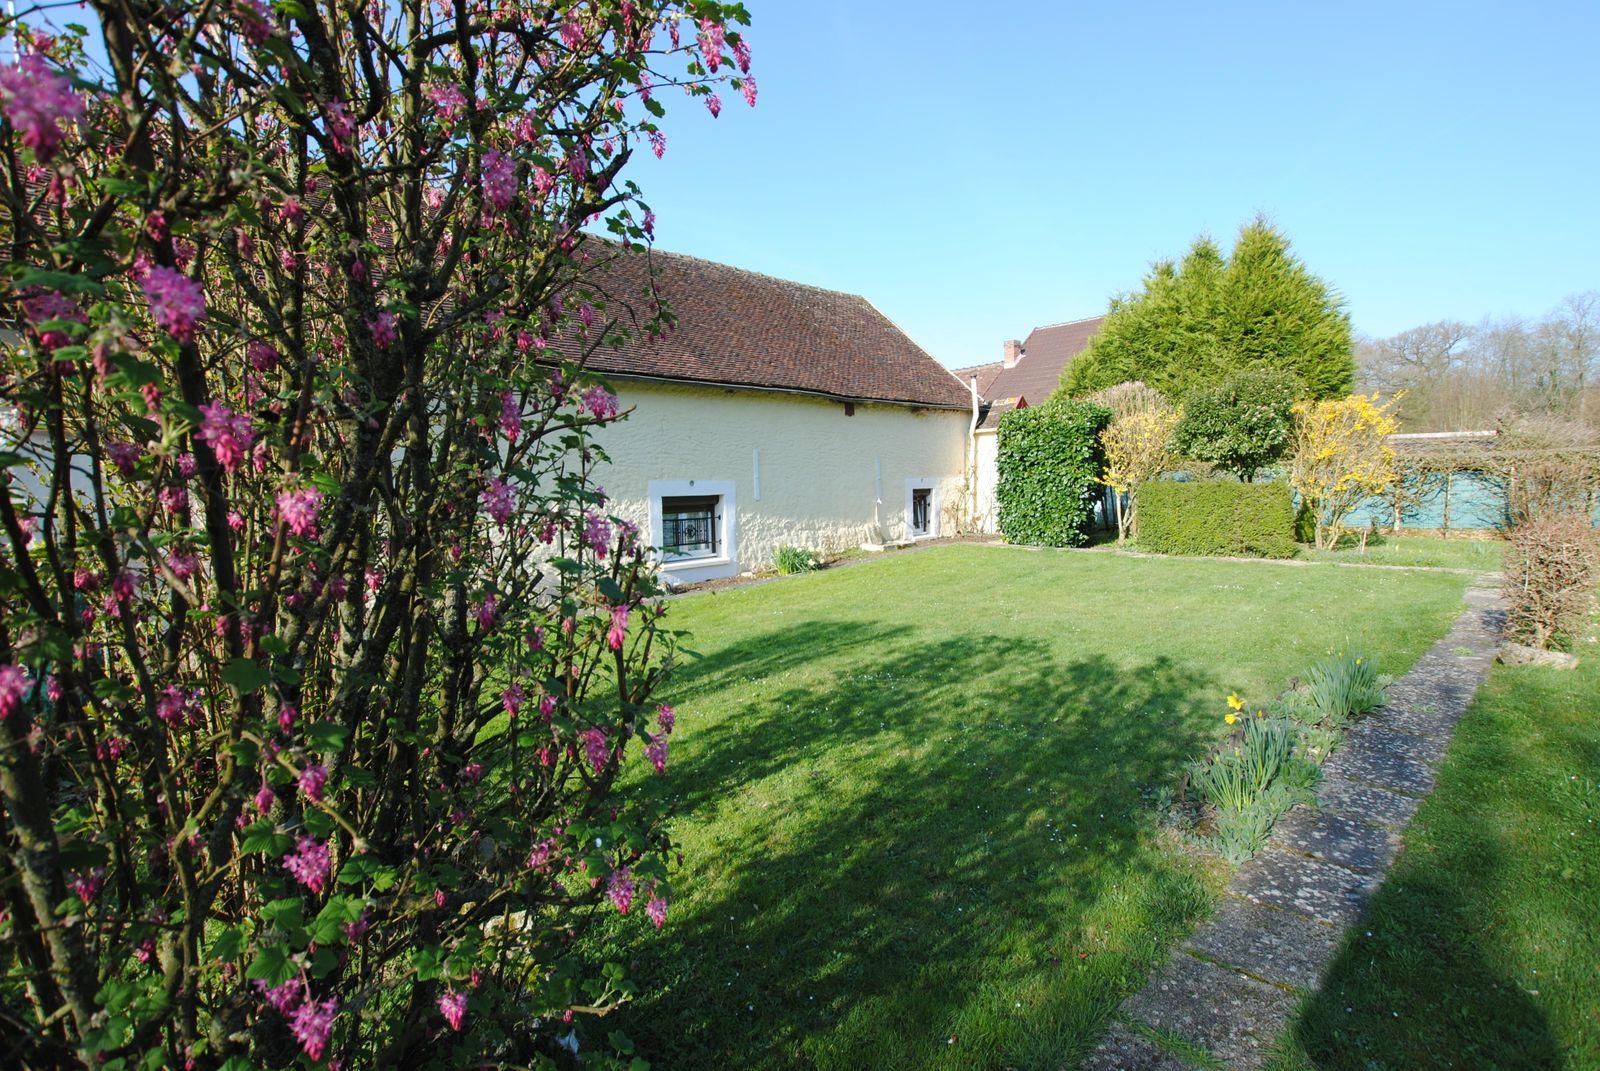 51G398 - La Grange L'Hermite - Les Essarts les Sezanne - Gîtes de France Marne